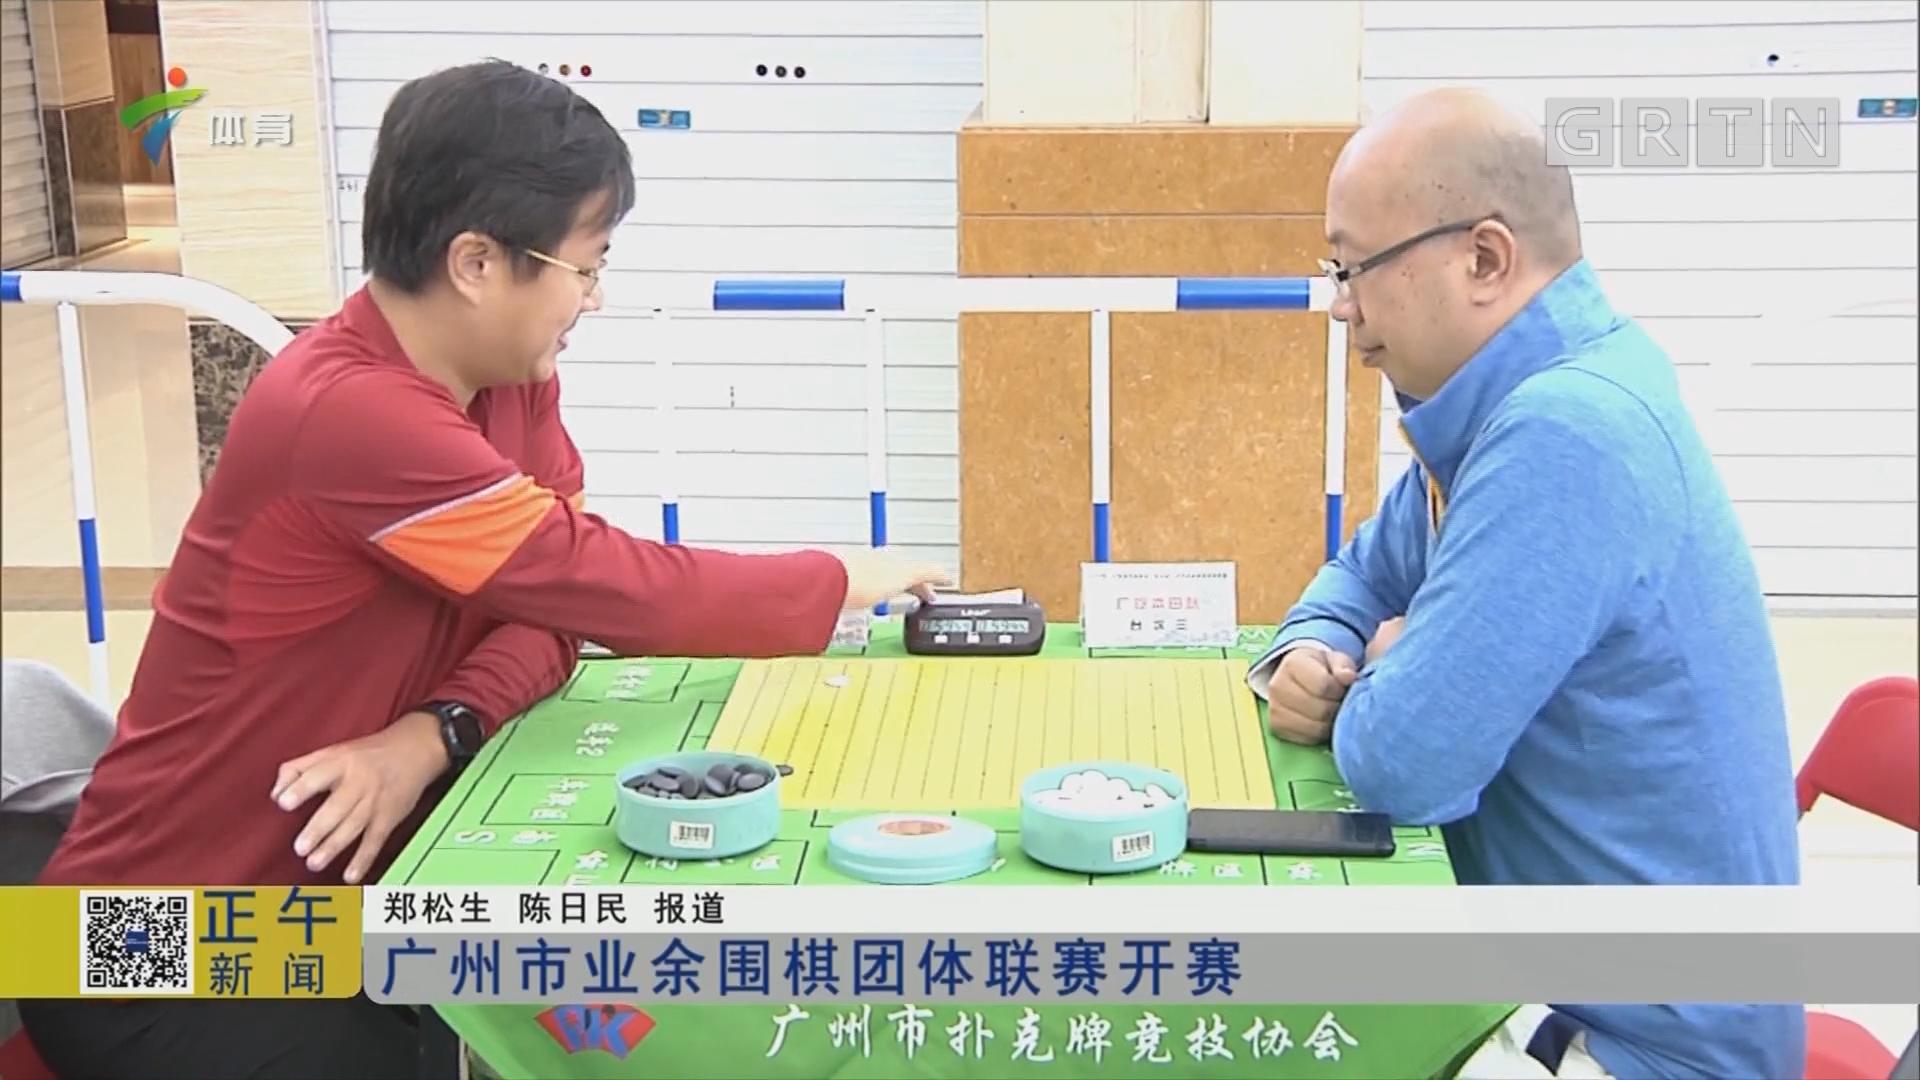 广州市业余围棋团体联赛开赛